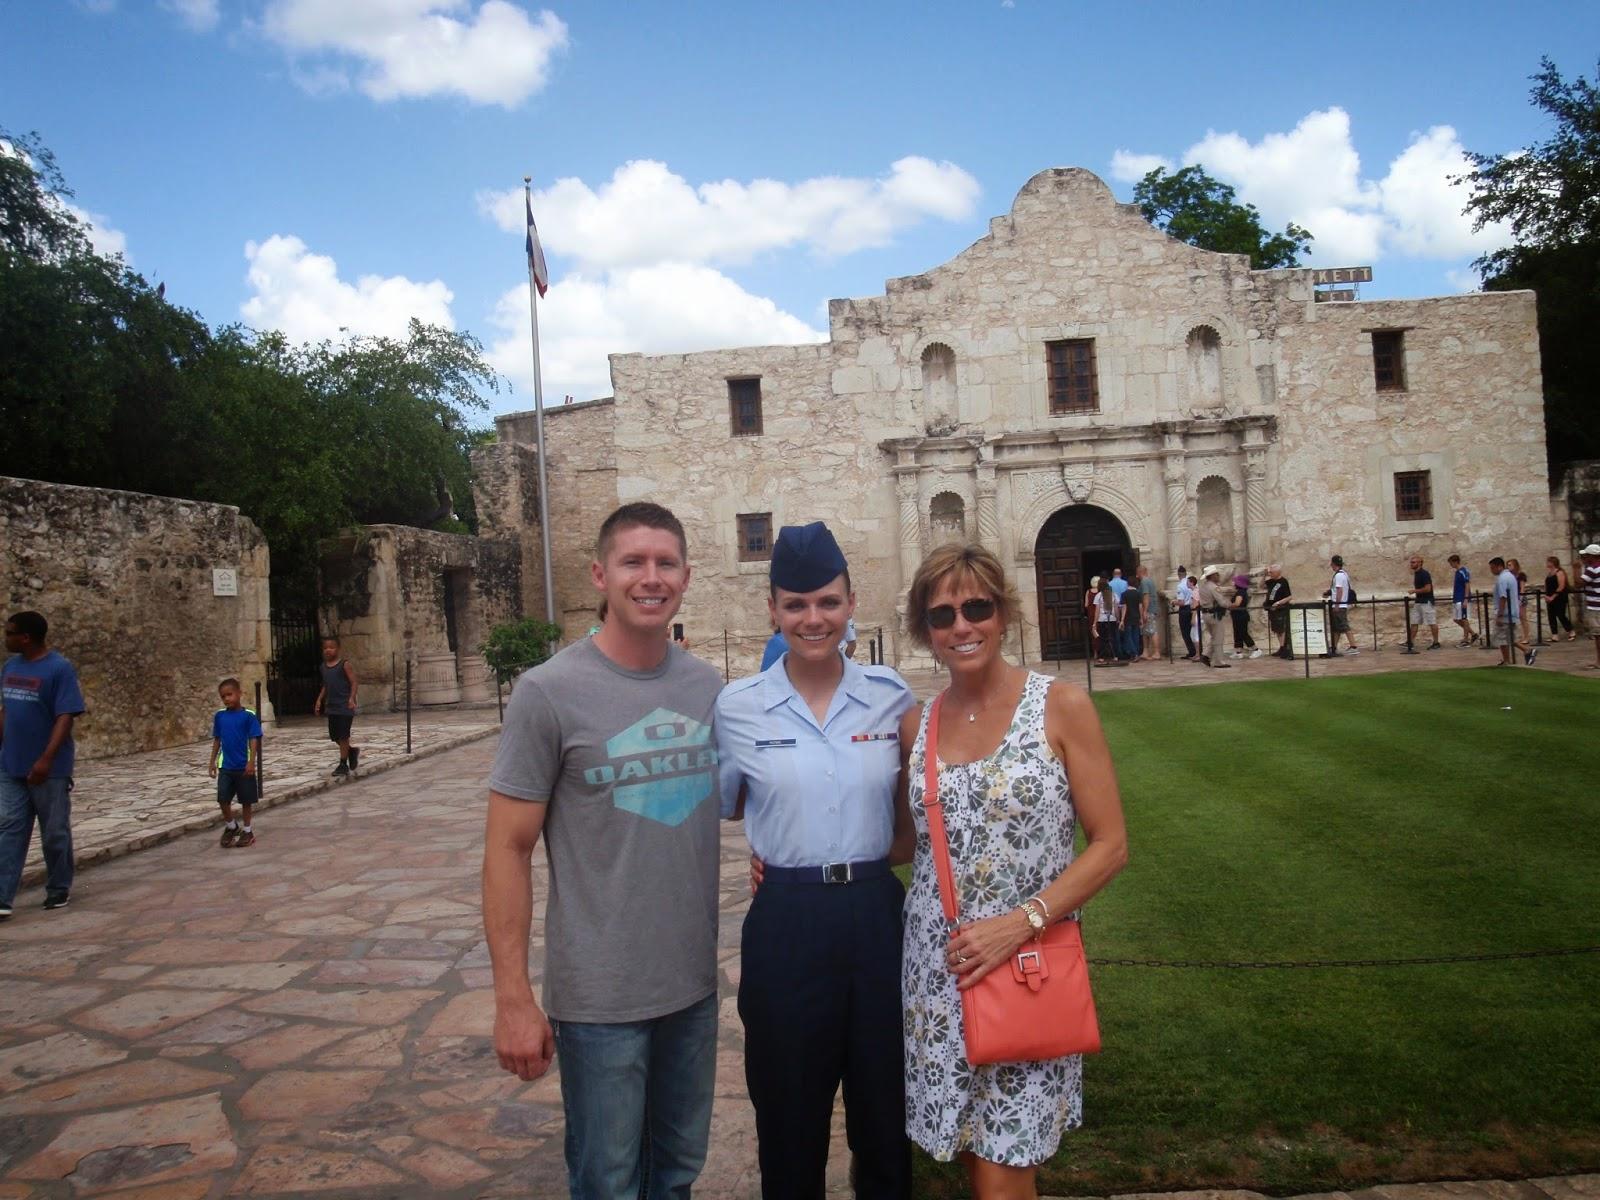 Aunie Sauce Bmt Graduation Weekend In San Antonio